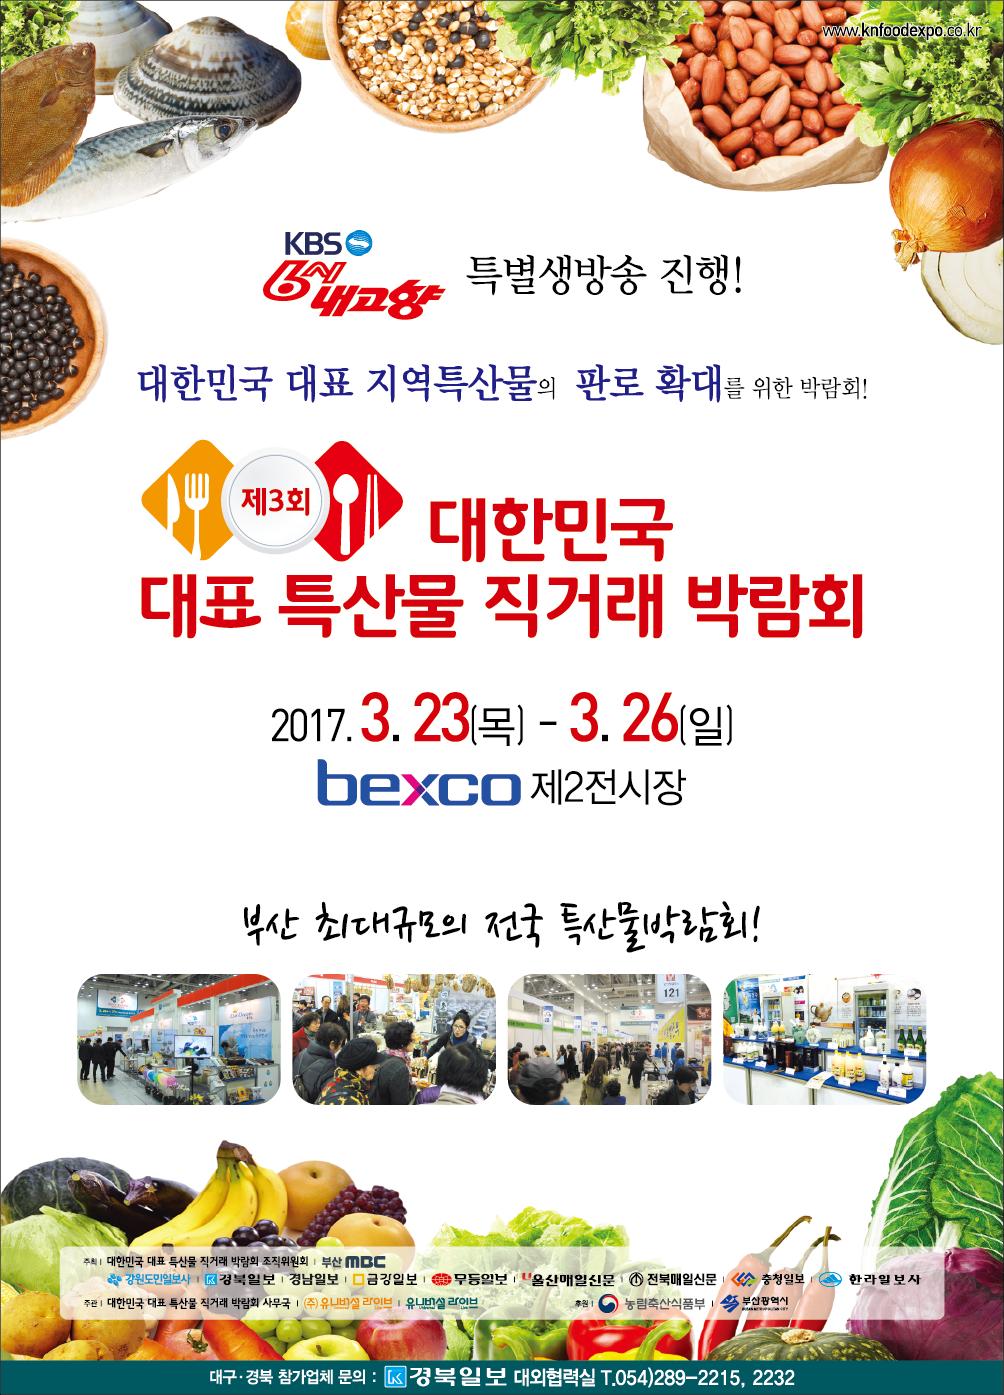 제3회 대한민국 대표 특산물직거래박람회_n.png